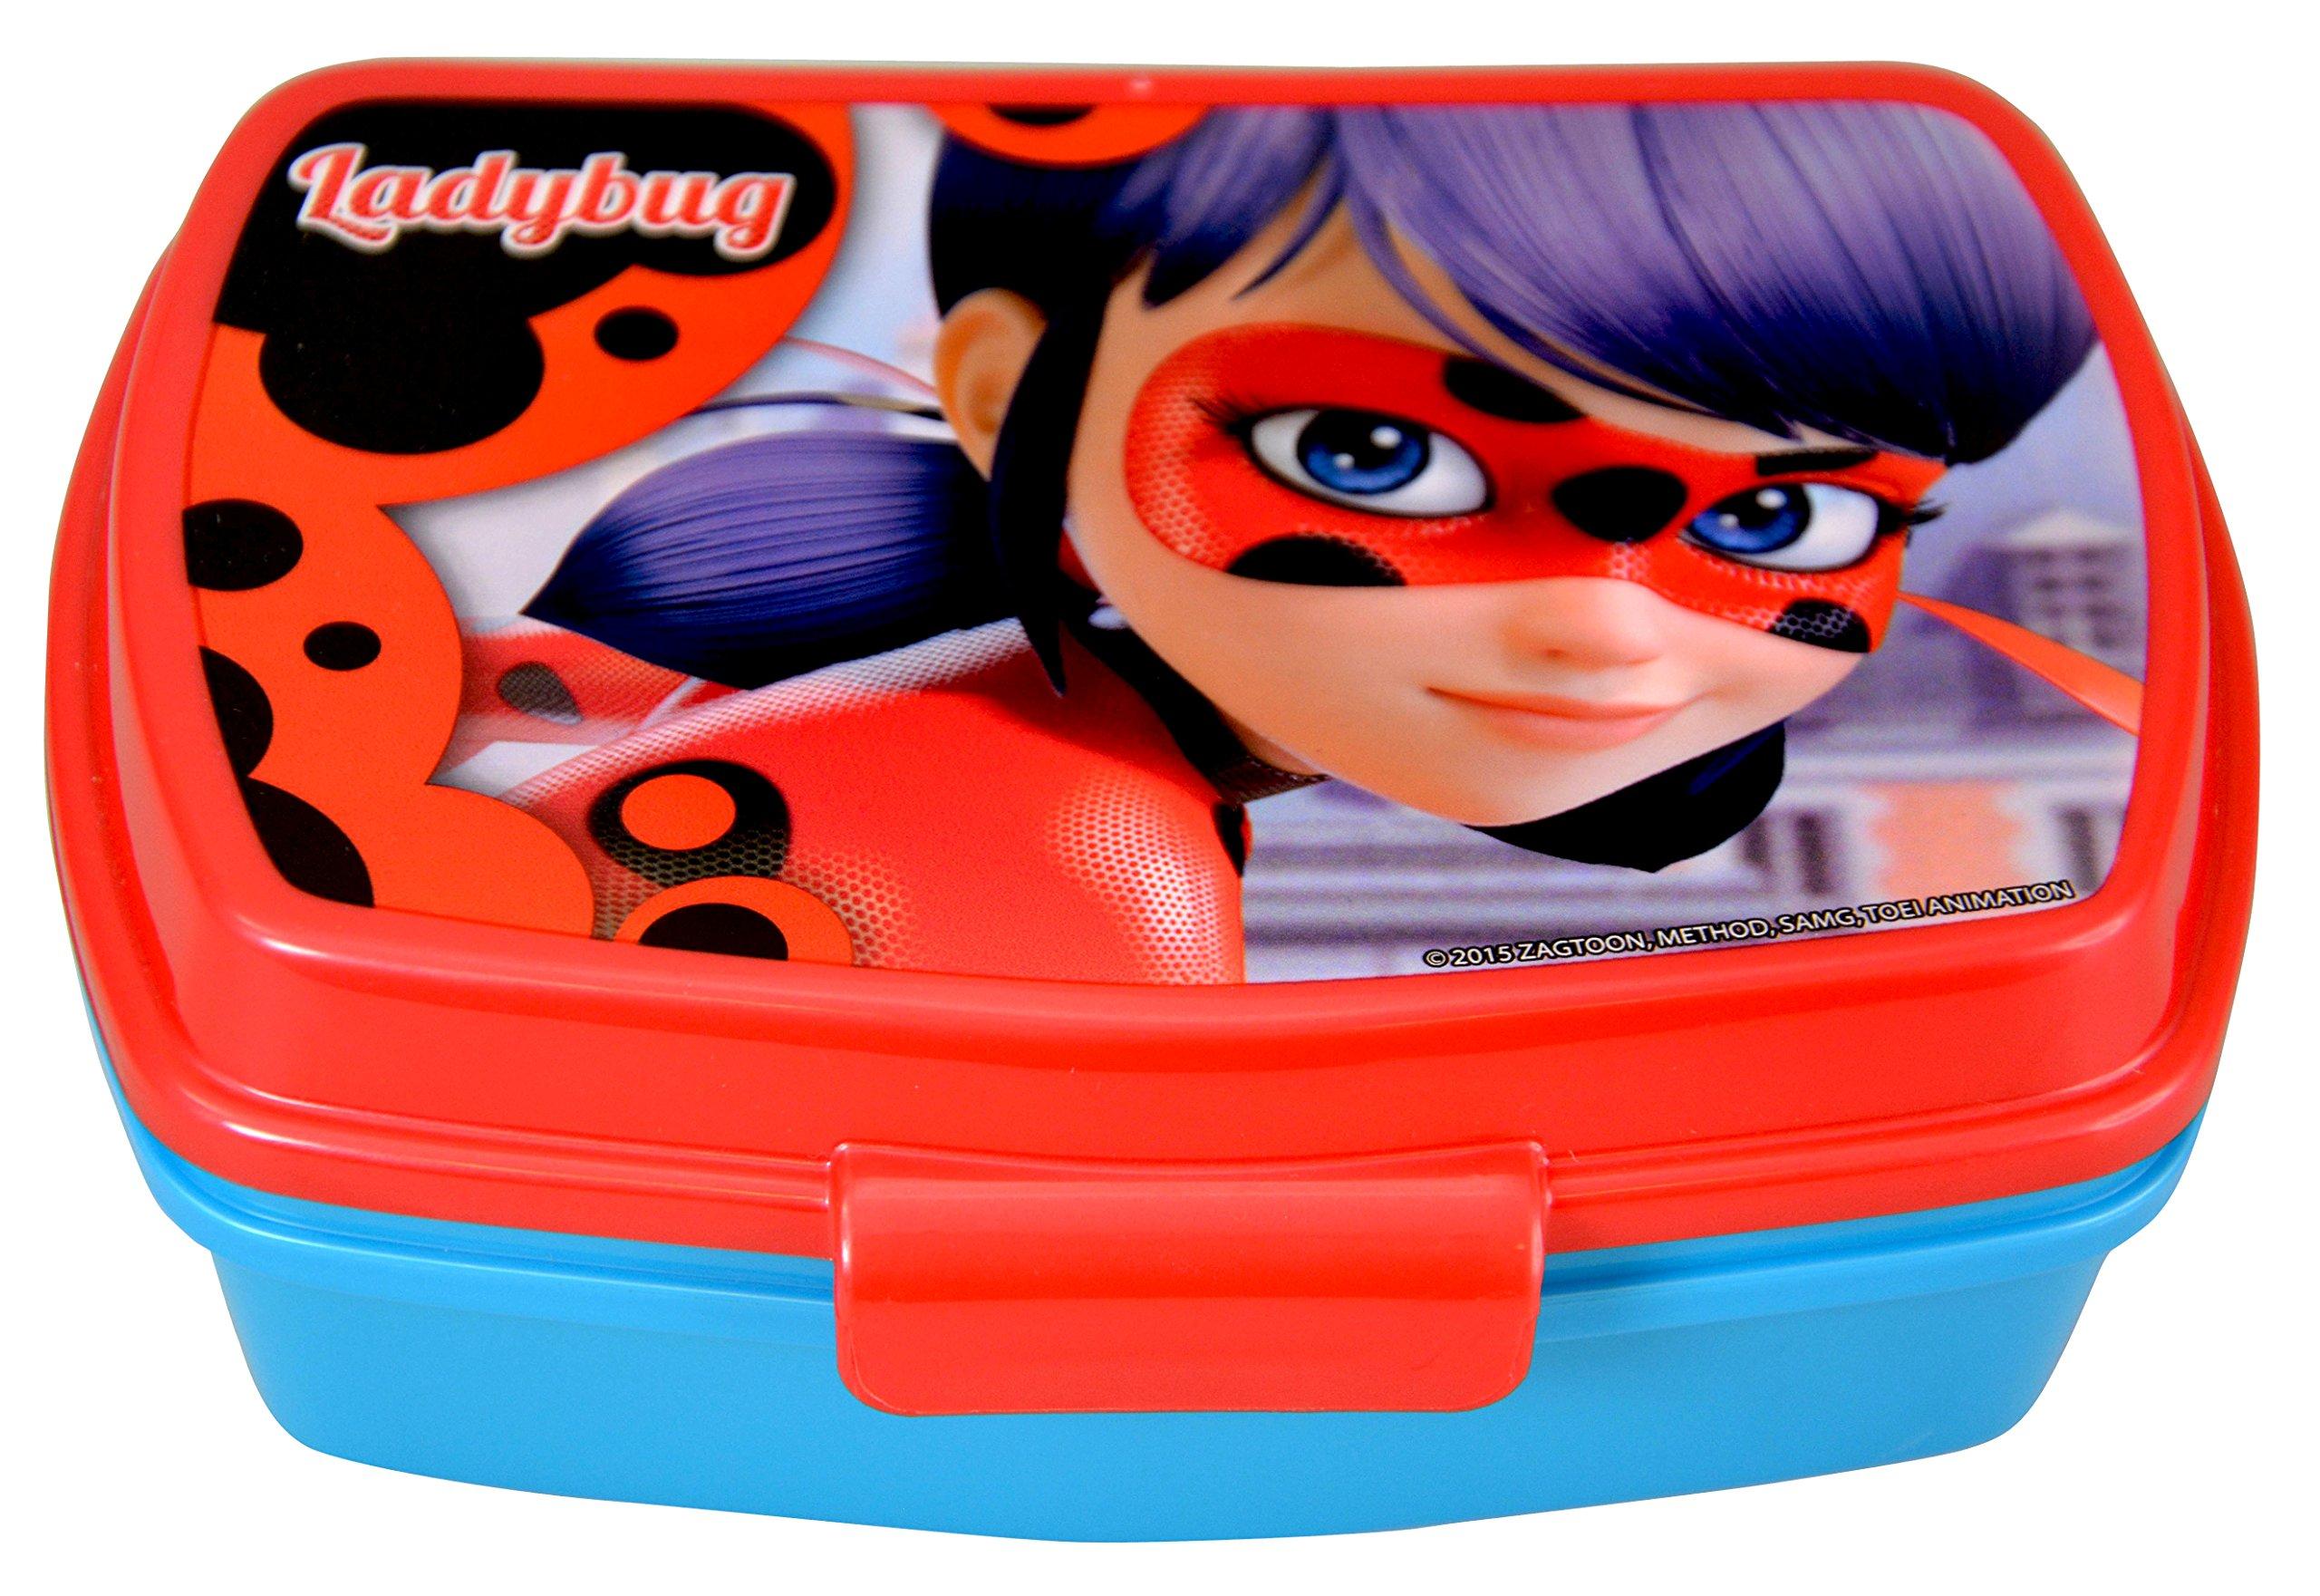 Miraculous Ladybug On The Go School Set